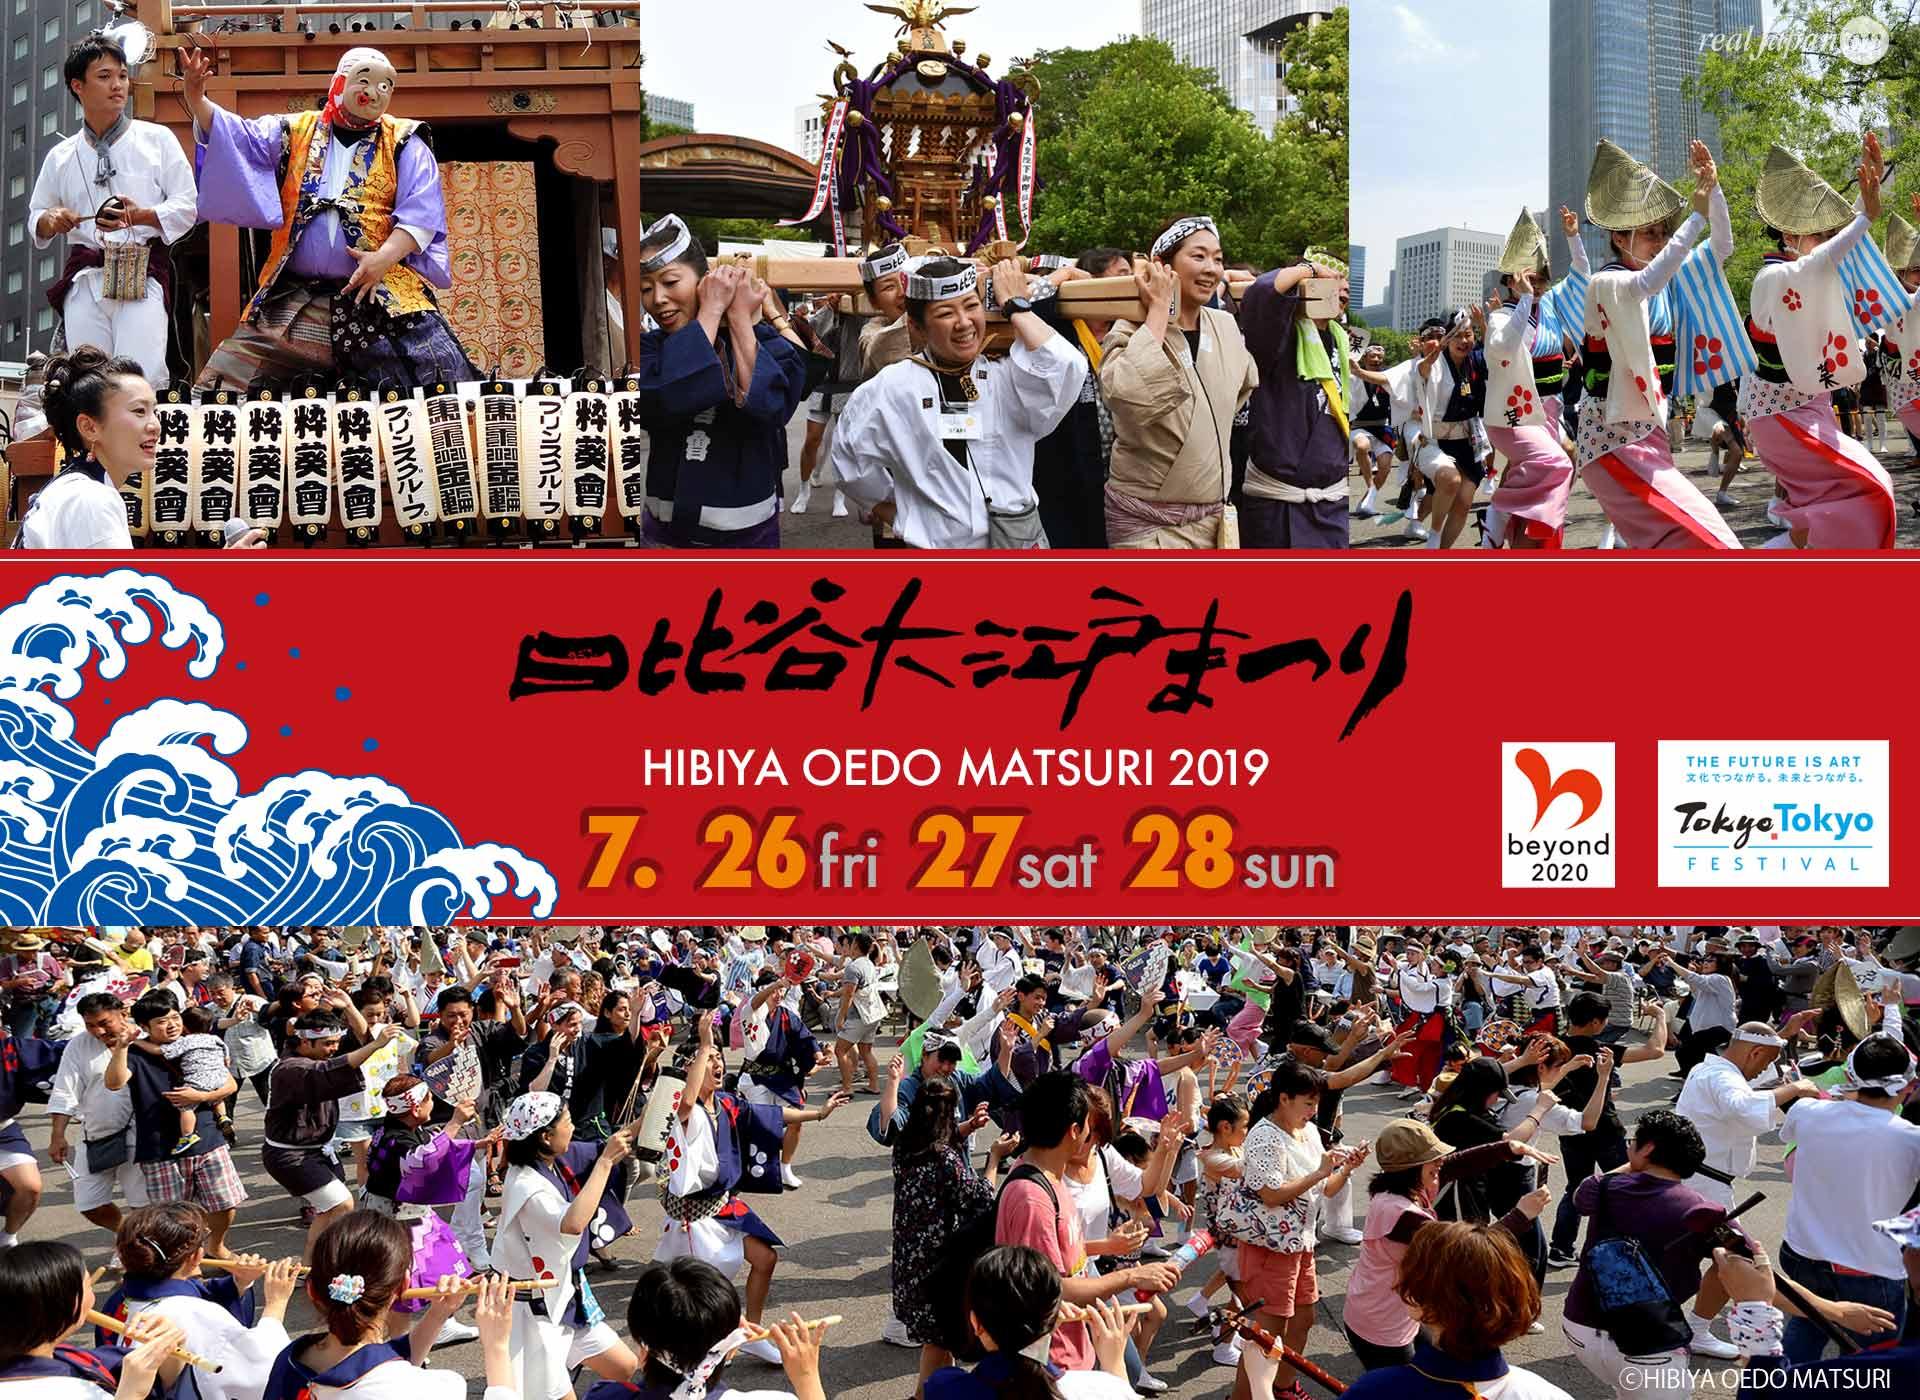 日比谷大江戸まつり〈HIBIYA OEDO MATSURI 2019〉令和元年7月26日(金 ...